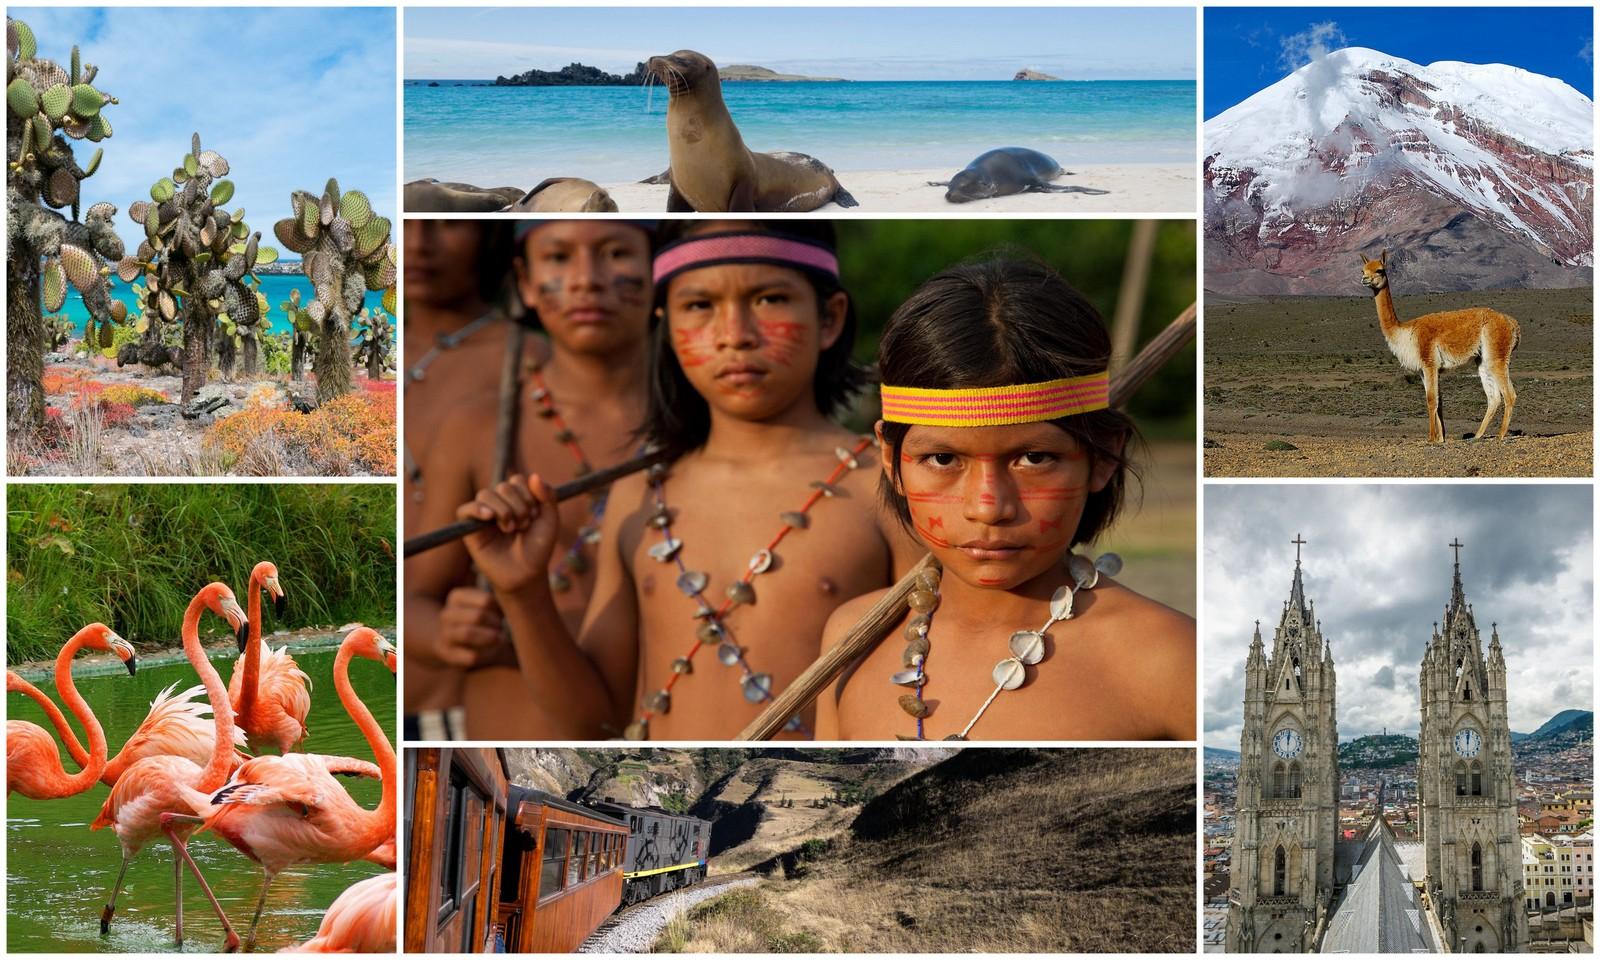 Ekvador kolaz - PATAGONIJA in EKVADOR,  izjemni deželi za potovalne sladokusce!